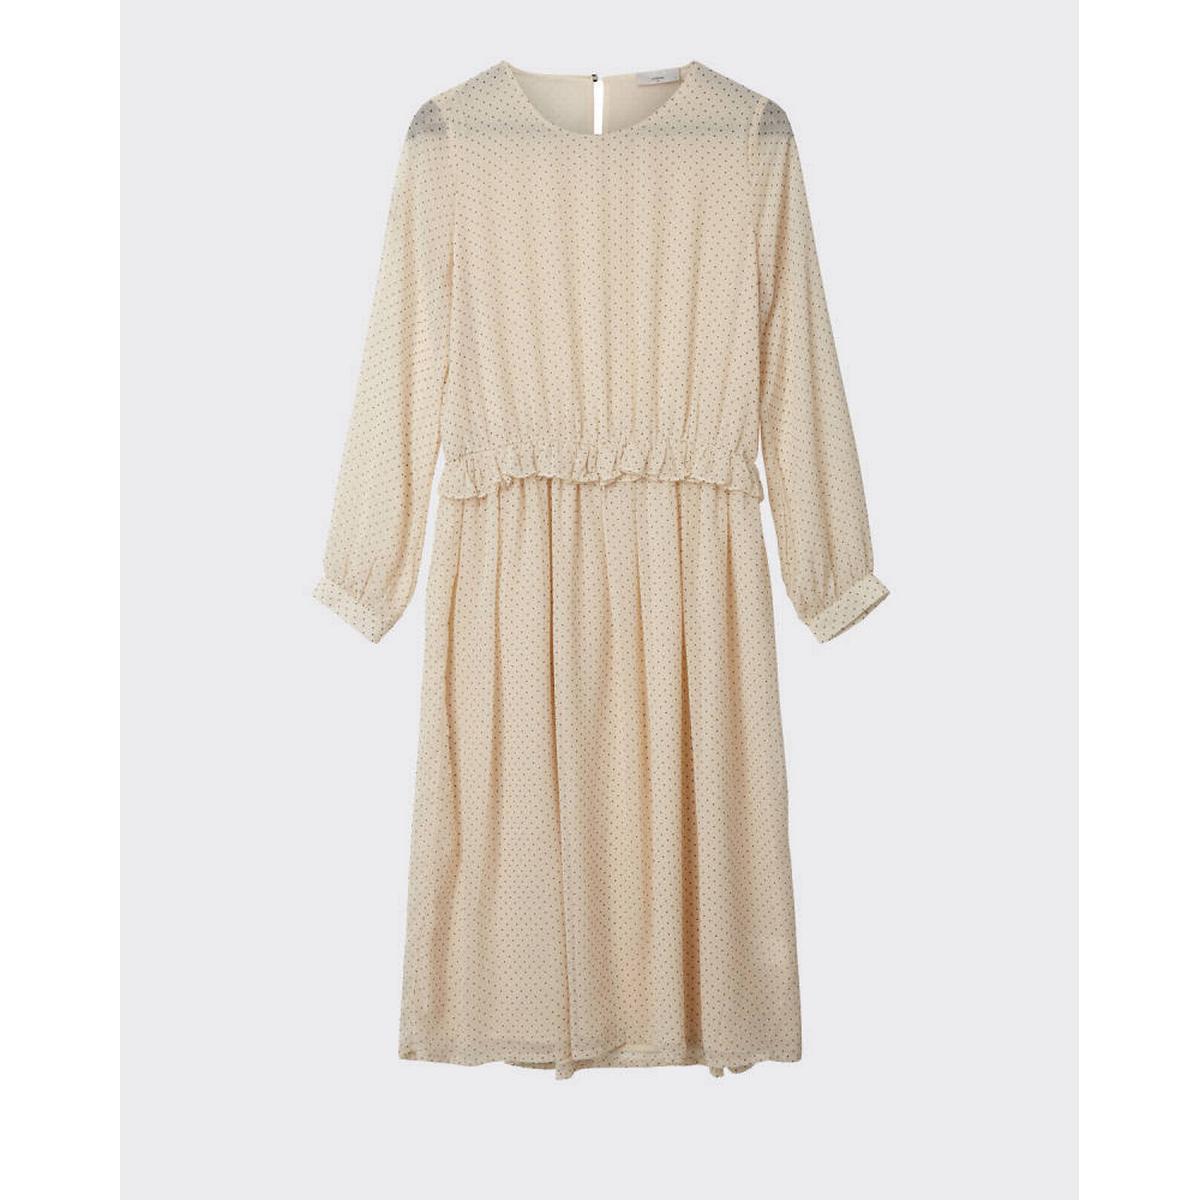 8b36fba5951 Minimum Midi kjole Dametøj - Sammenlign priser hos PriceRunner